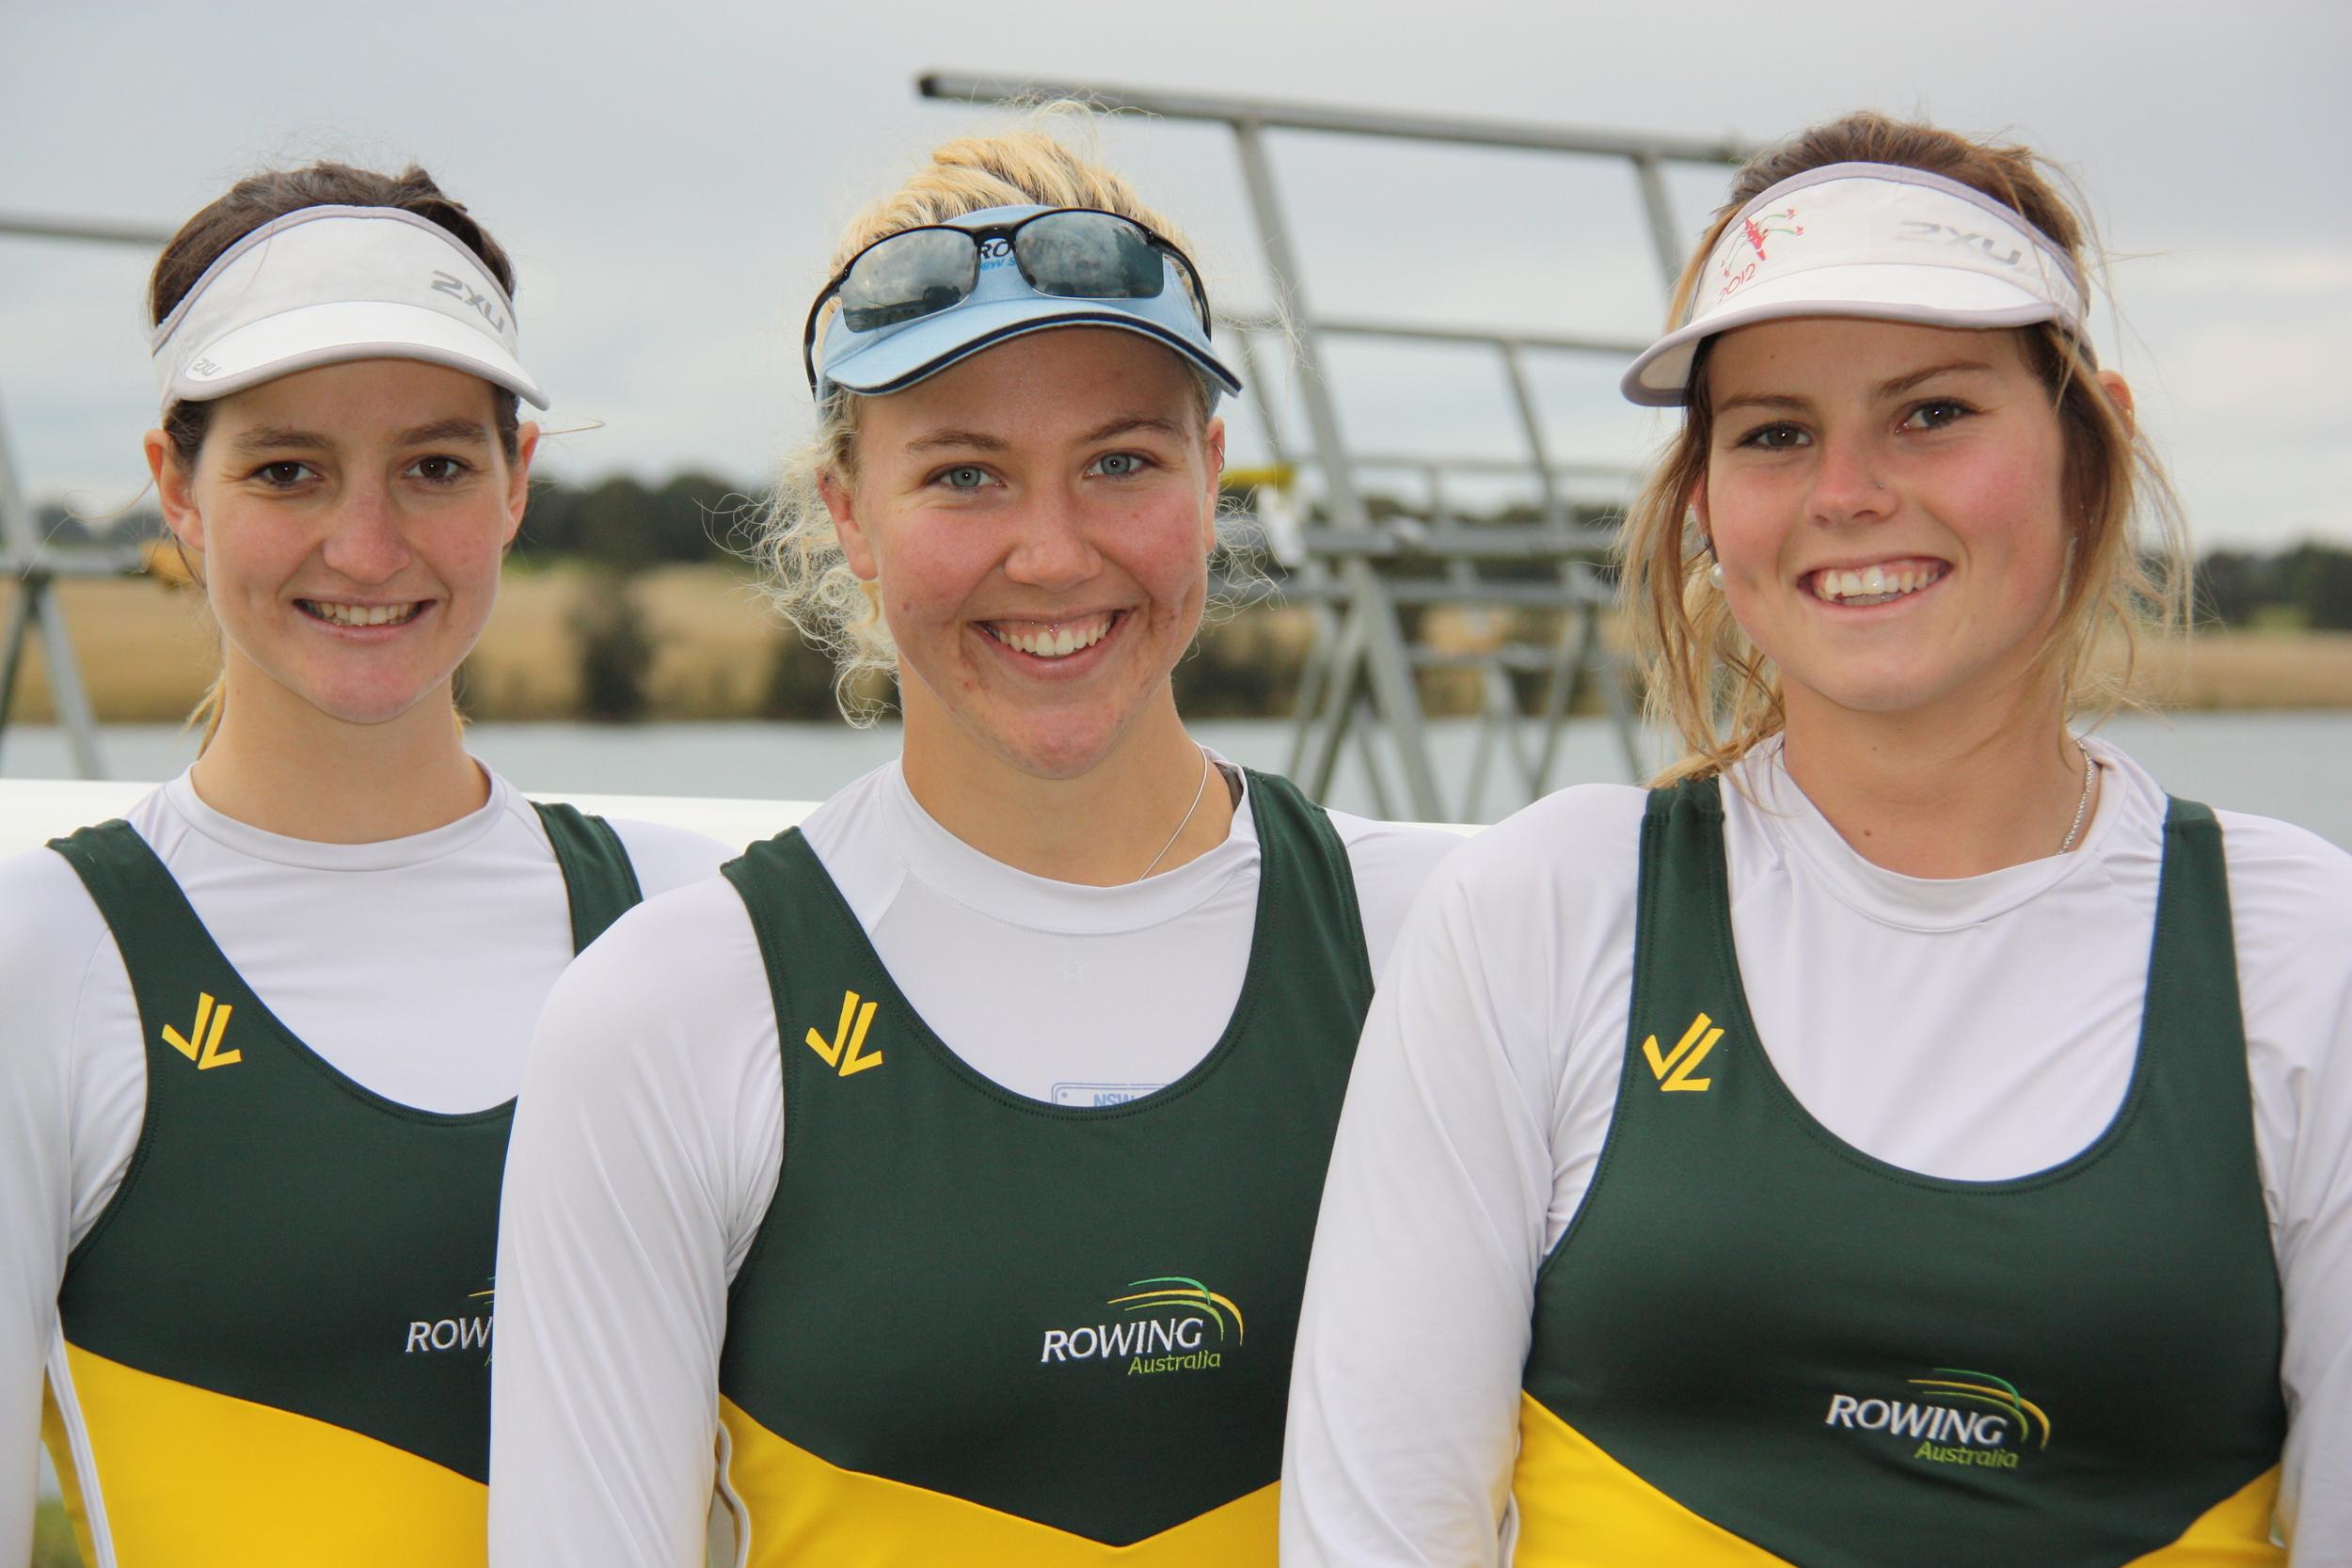 2013-Aus-U21-team-SUWRC-Women-10-Jul-13.jpeg